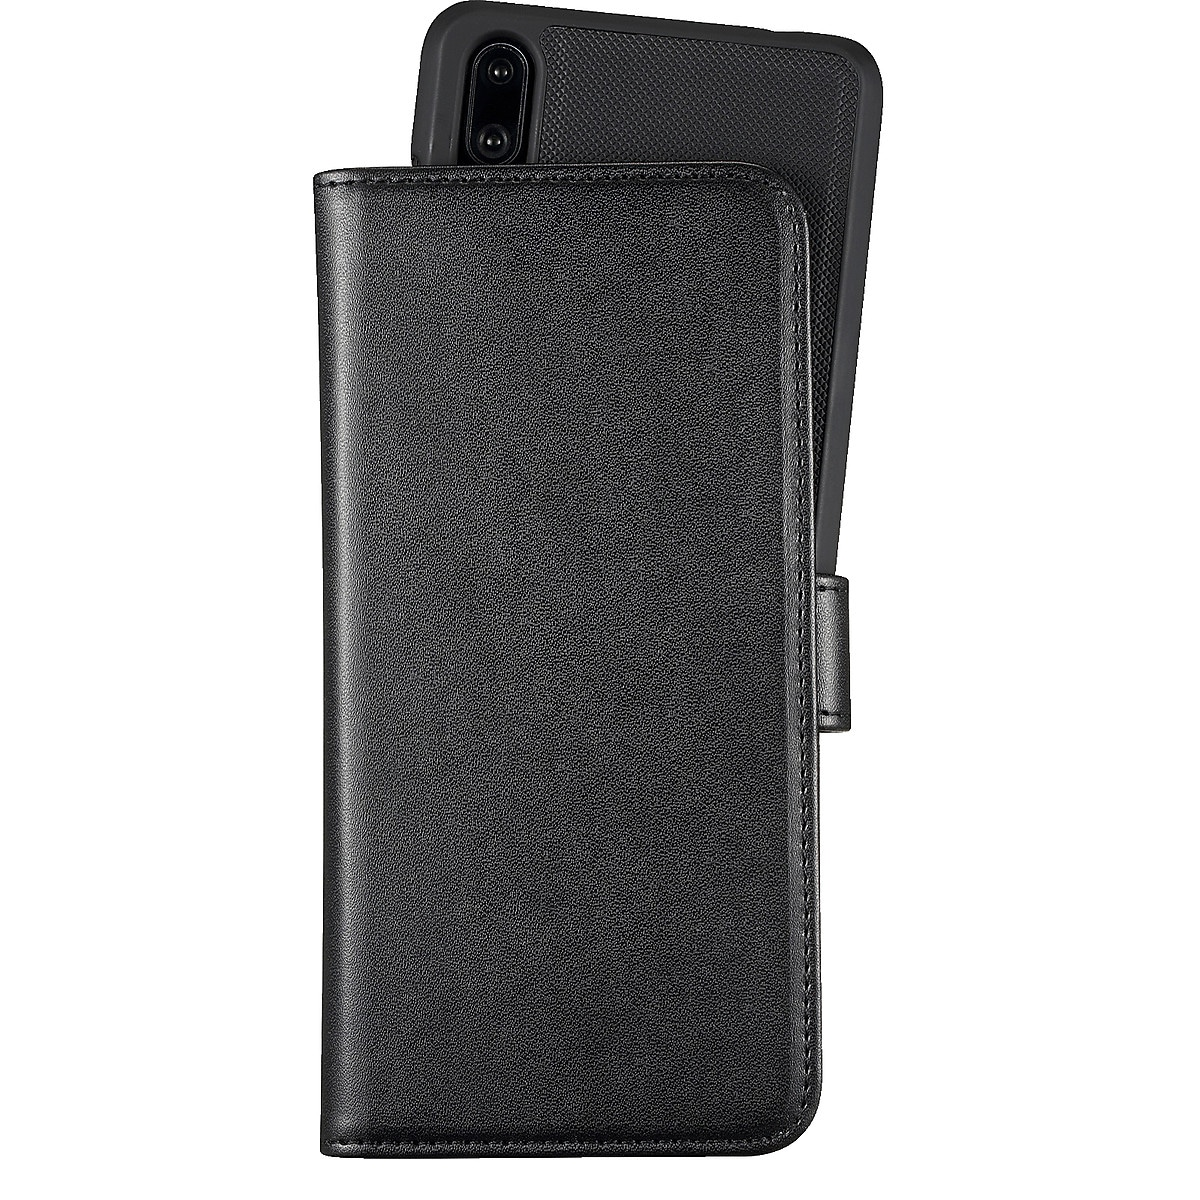 Holdit Huawei P20 Pro Wallet Case